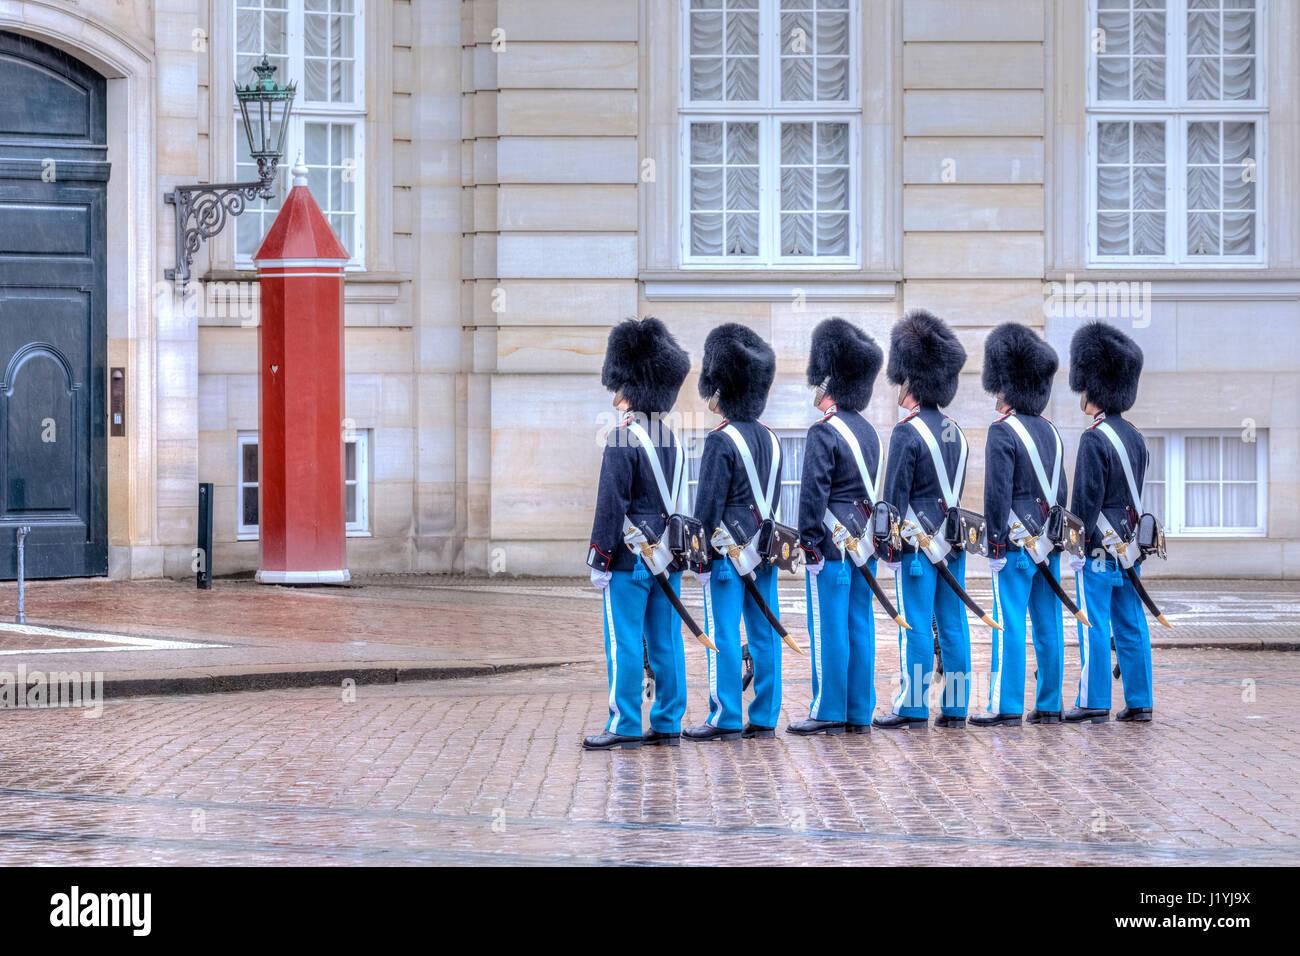 Wachablösung am Schloss Amalienborg in Kopenhagen, Dänemark, Skandinavien Stockbild